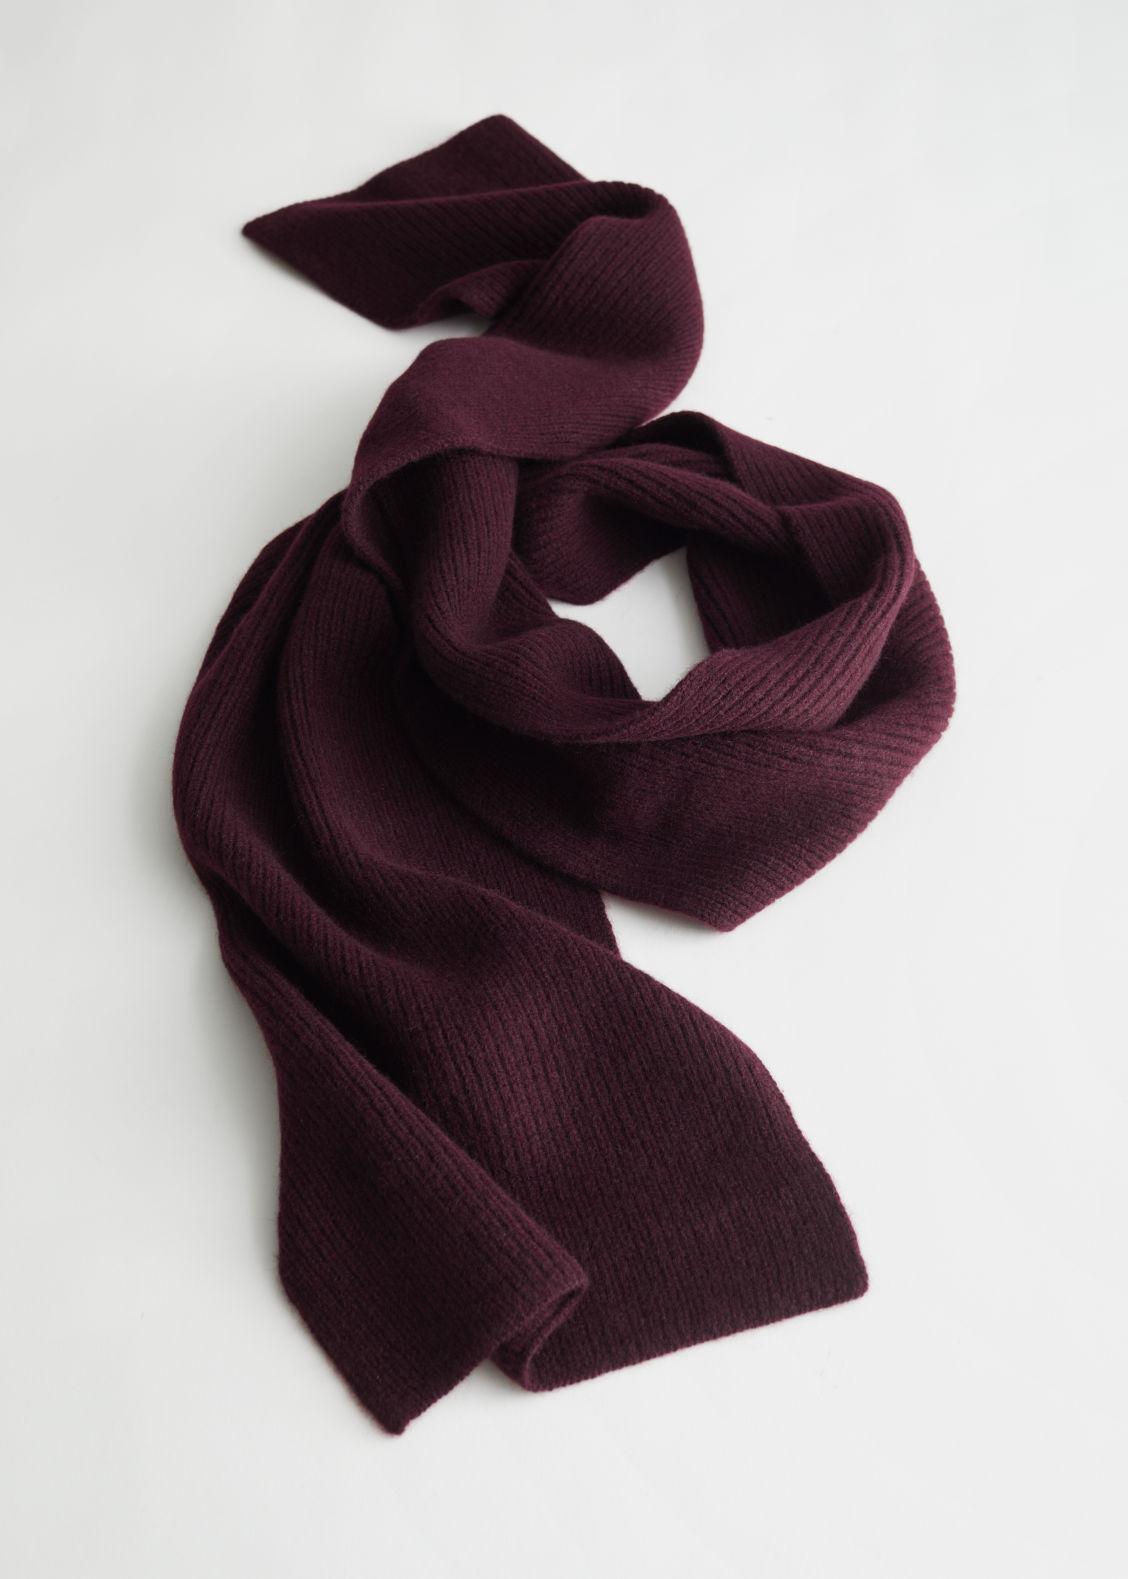 앤 아더 스토리즈 머플러 & OTHER STORIES Cashmere Ribbed Knit Scarf,Dark Red